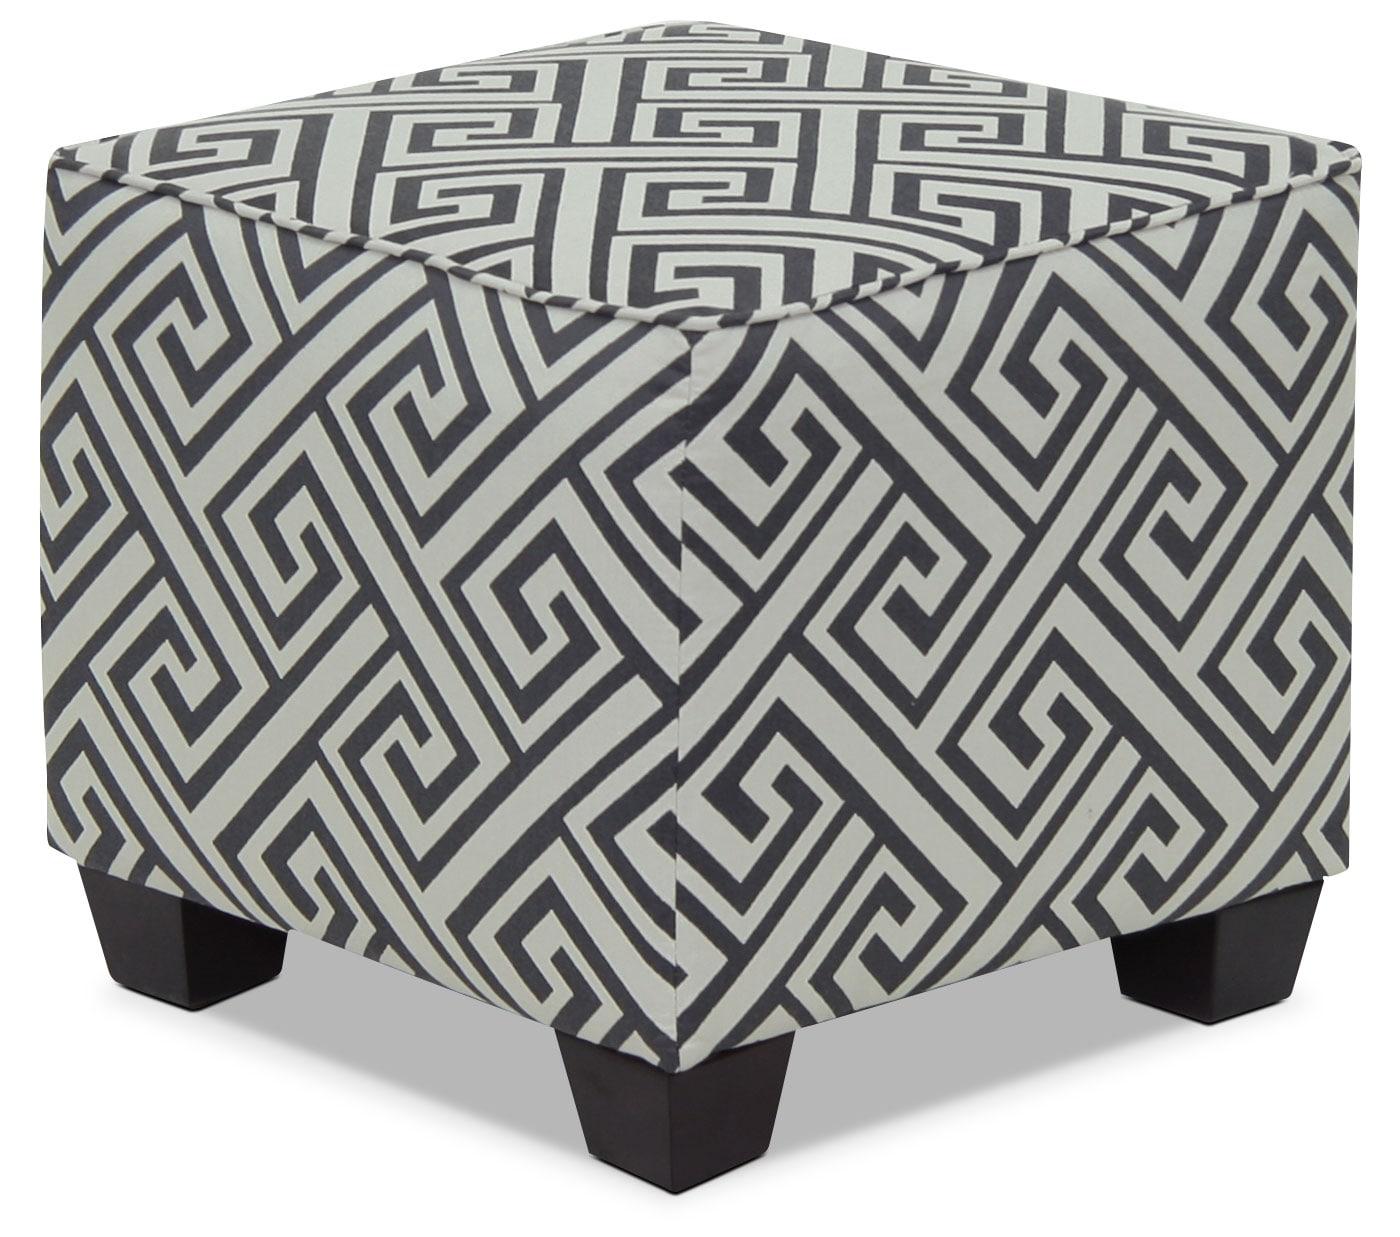 Mobilier de salle de séjour - Pouf d'appoint rond de la collection Design à mon image en tissu - domino